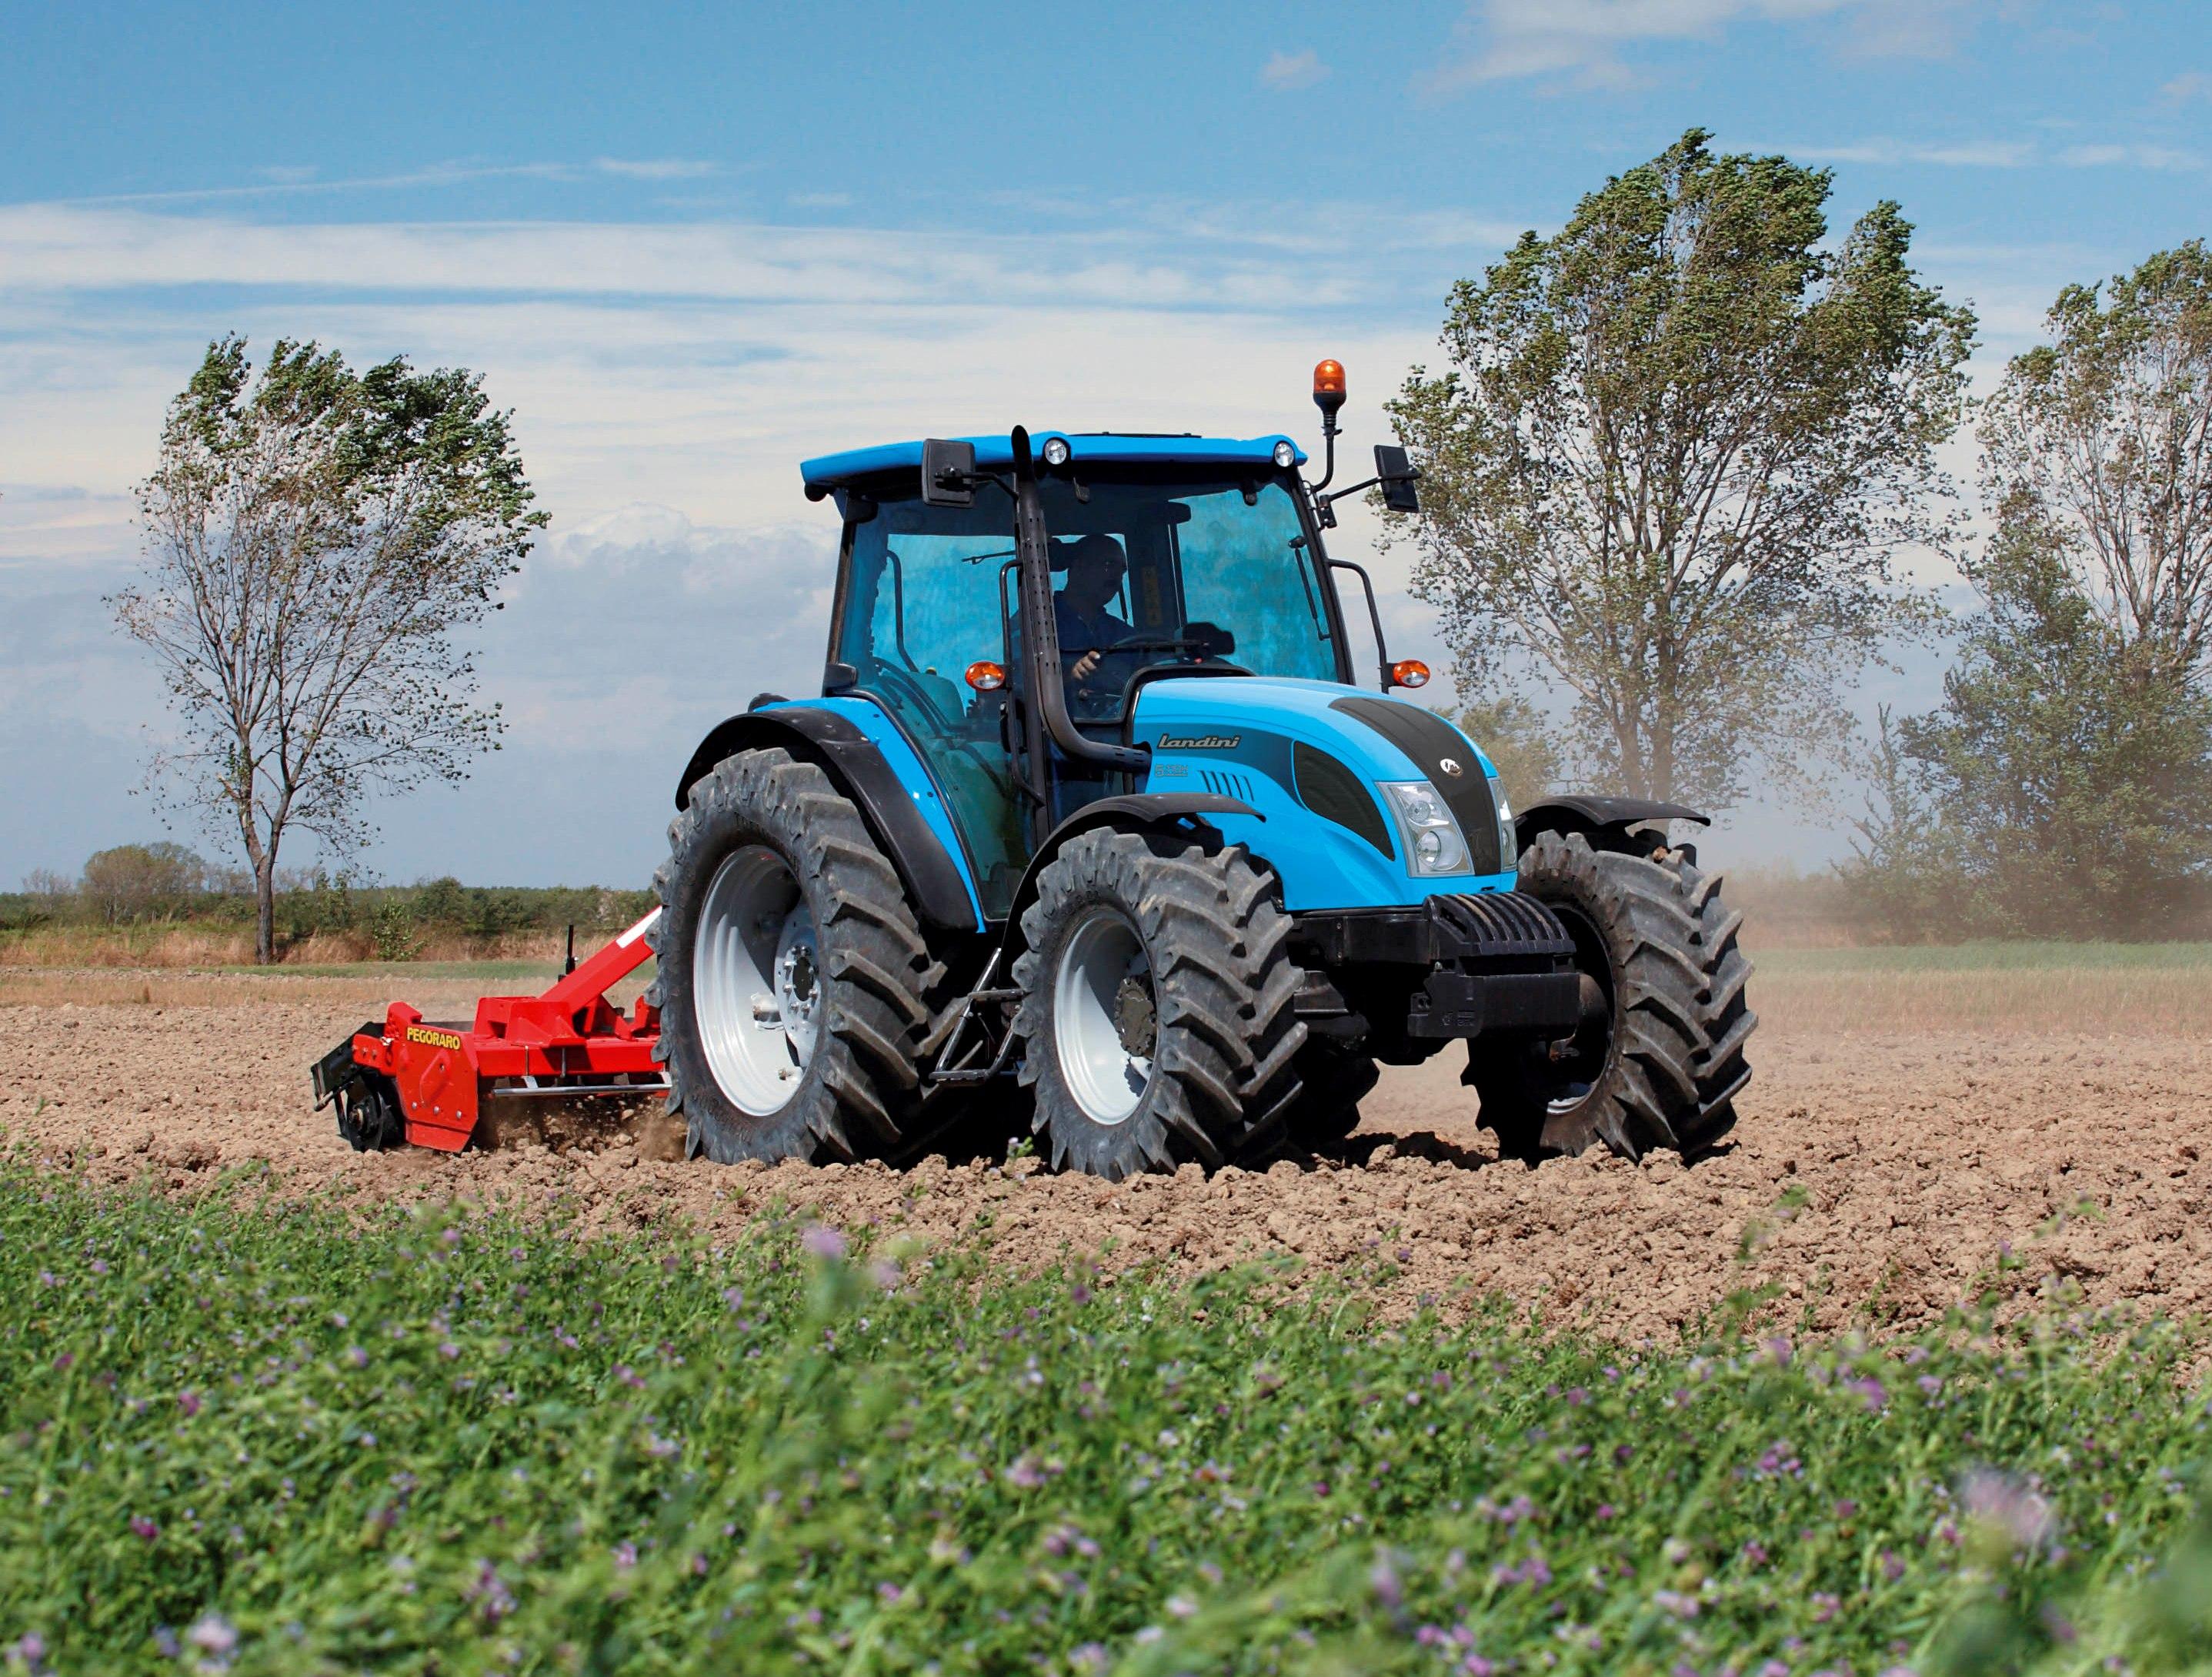 Utilaje agricole - Utilaje agricole second hand tractoare